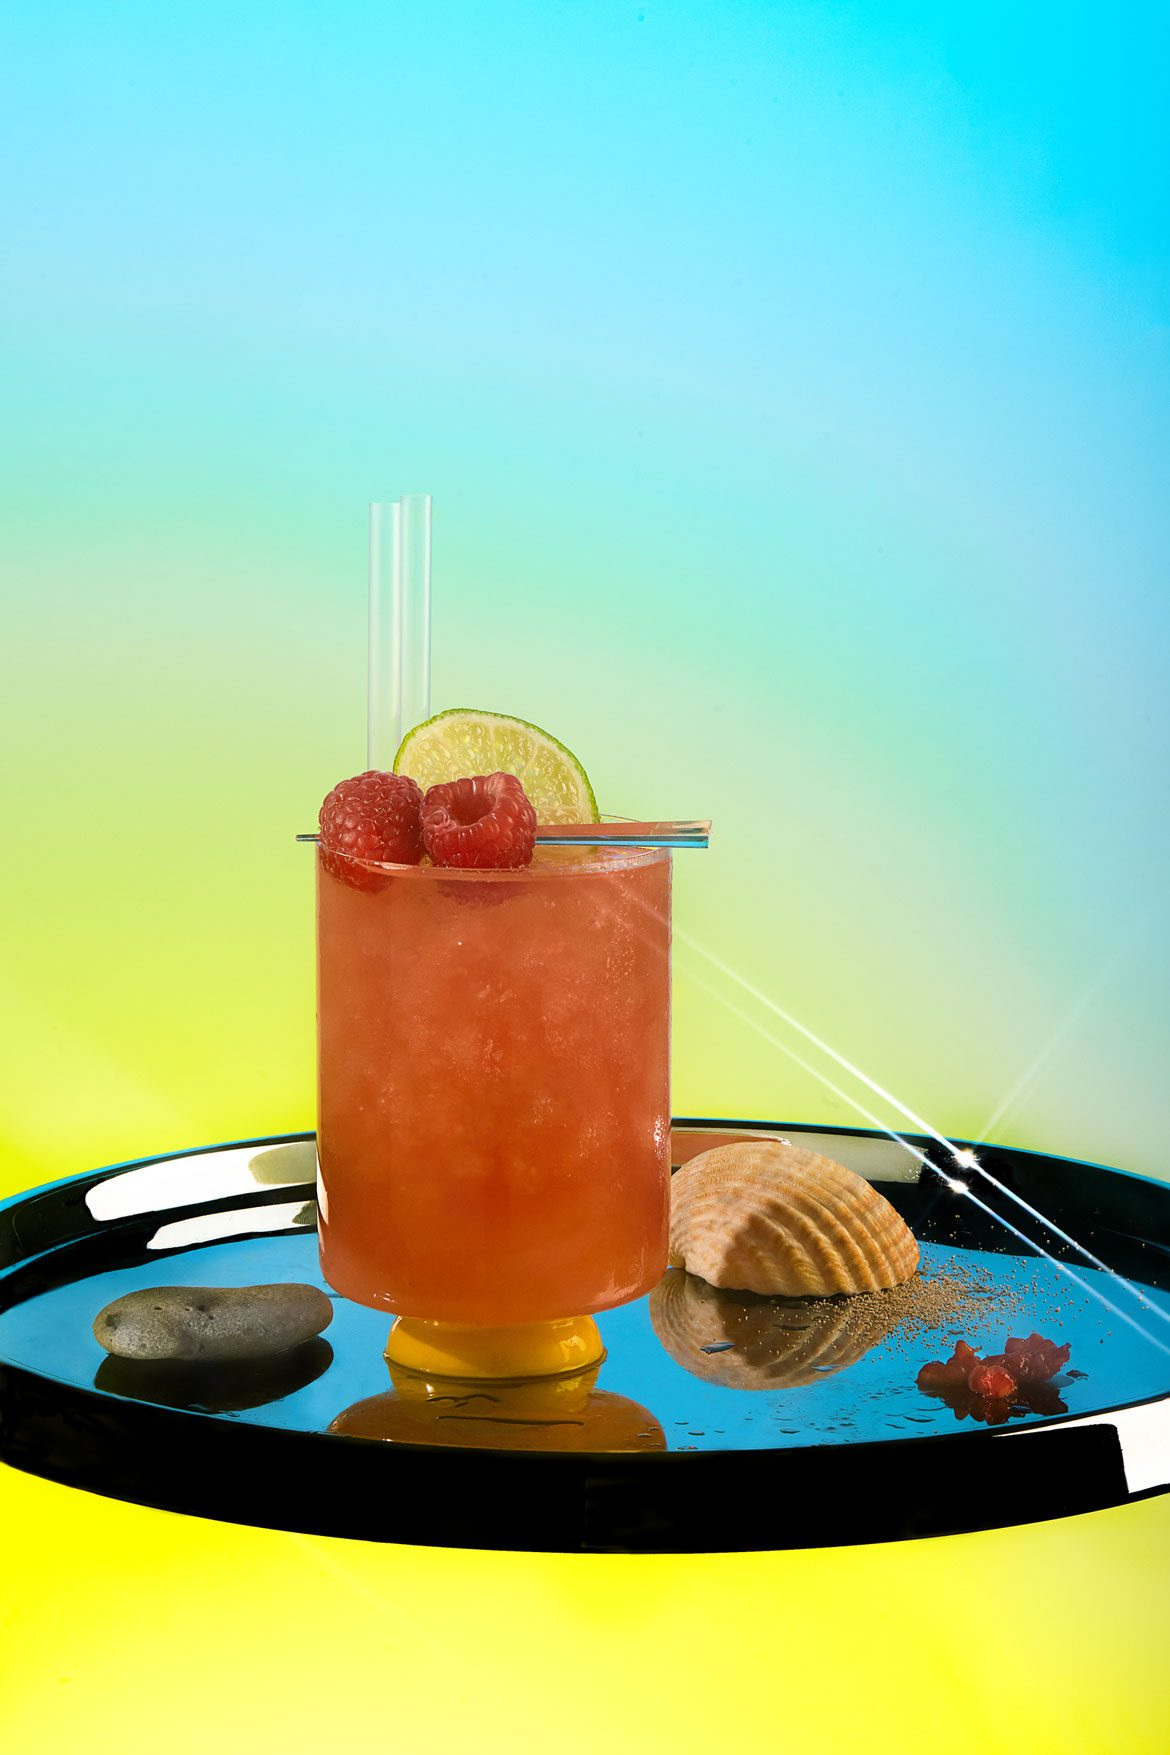 geraymena_pocko_cocktails_eps_023-1170x1755.jpg